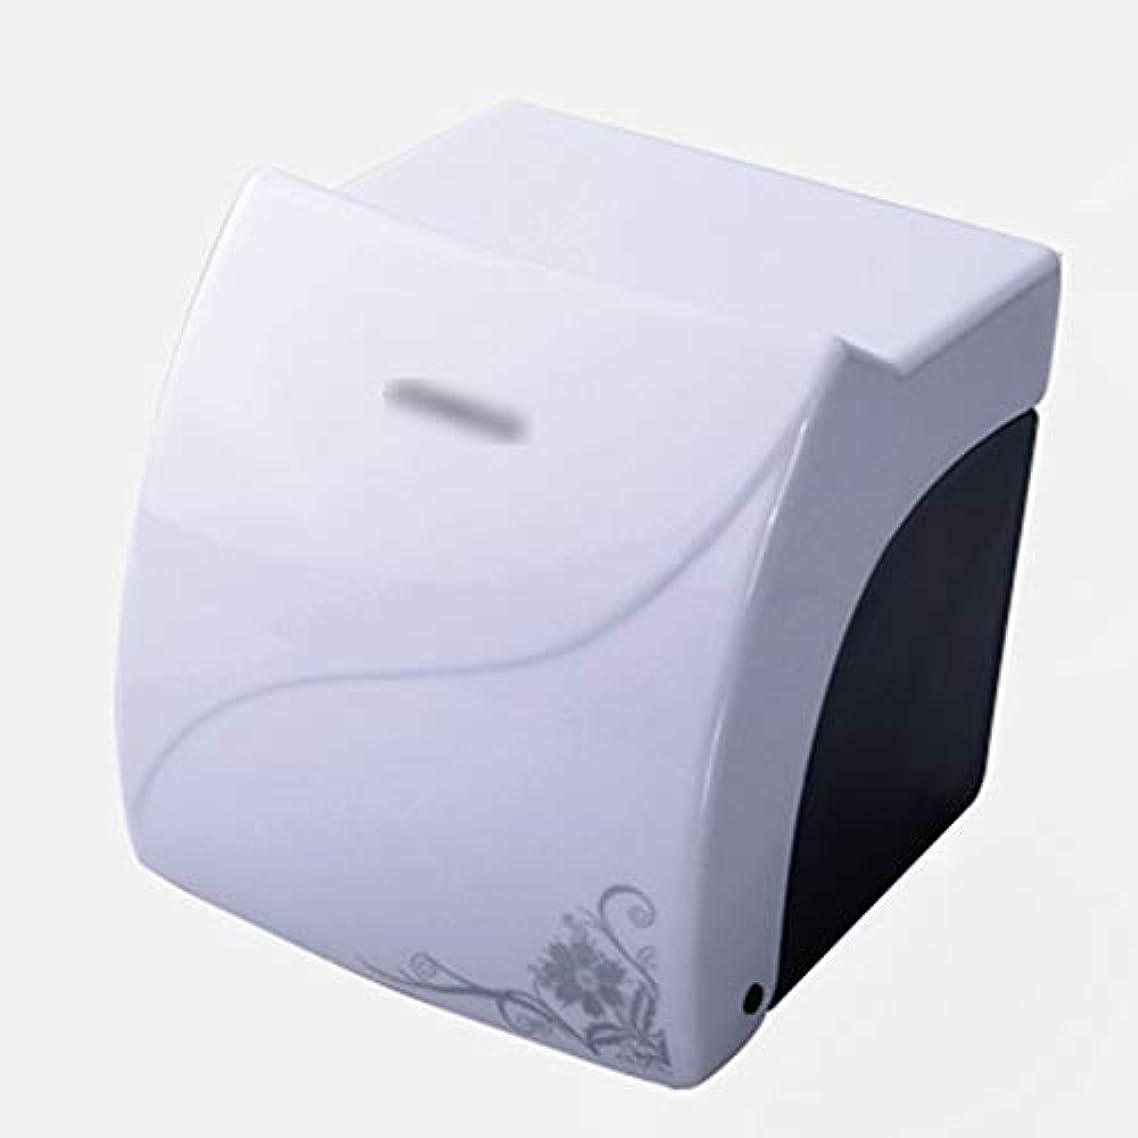 衝突コース永続評価ZZLX 紙タオルホルダー、高品質ABS防水ティッシュボックストイレットペーパーボックスペーパーホルダー ロングハンドル風呂ブラシ